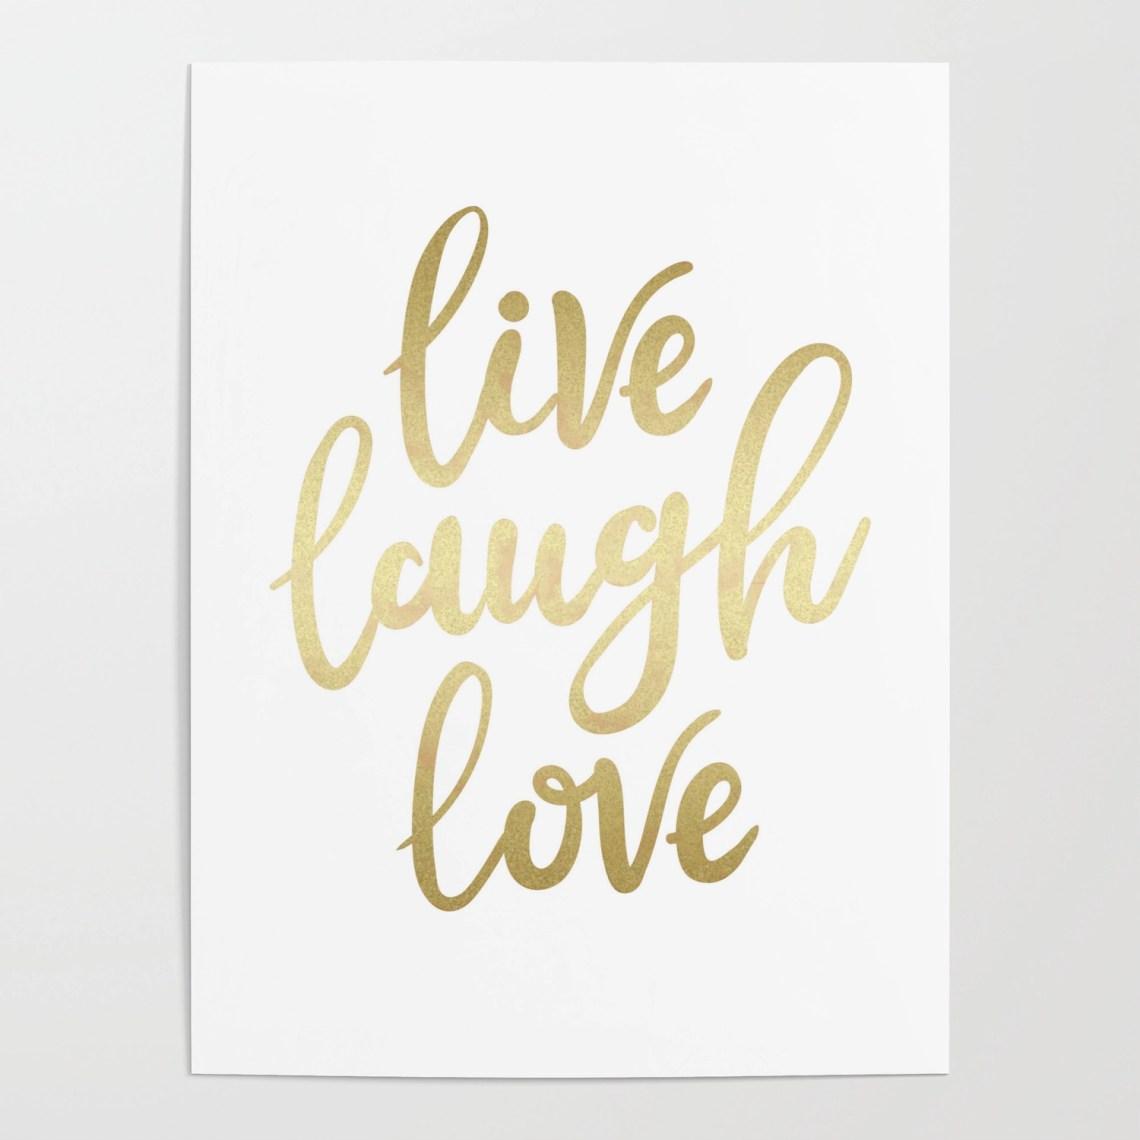 Download HD限定 Live Laugh Love Font - じゃバルが目